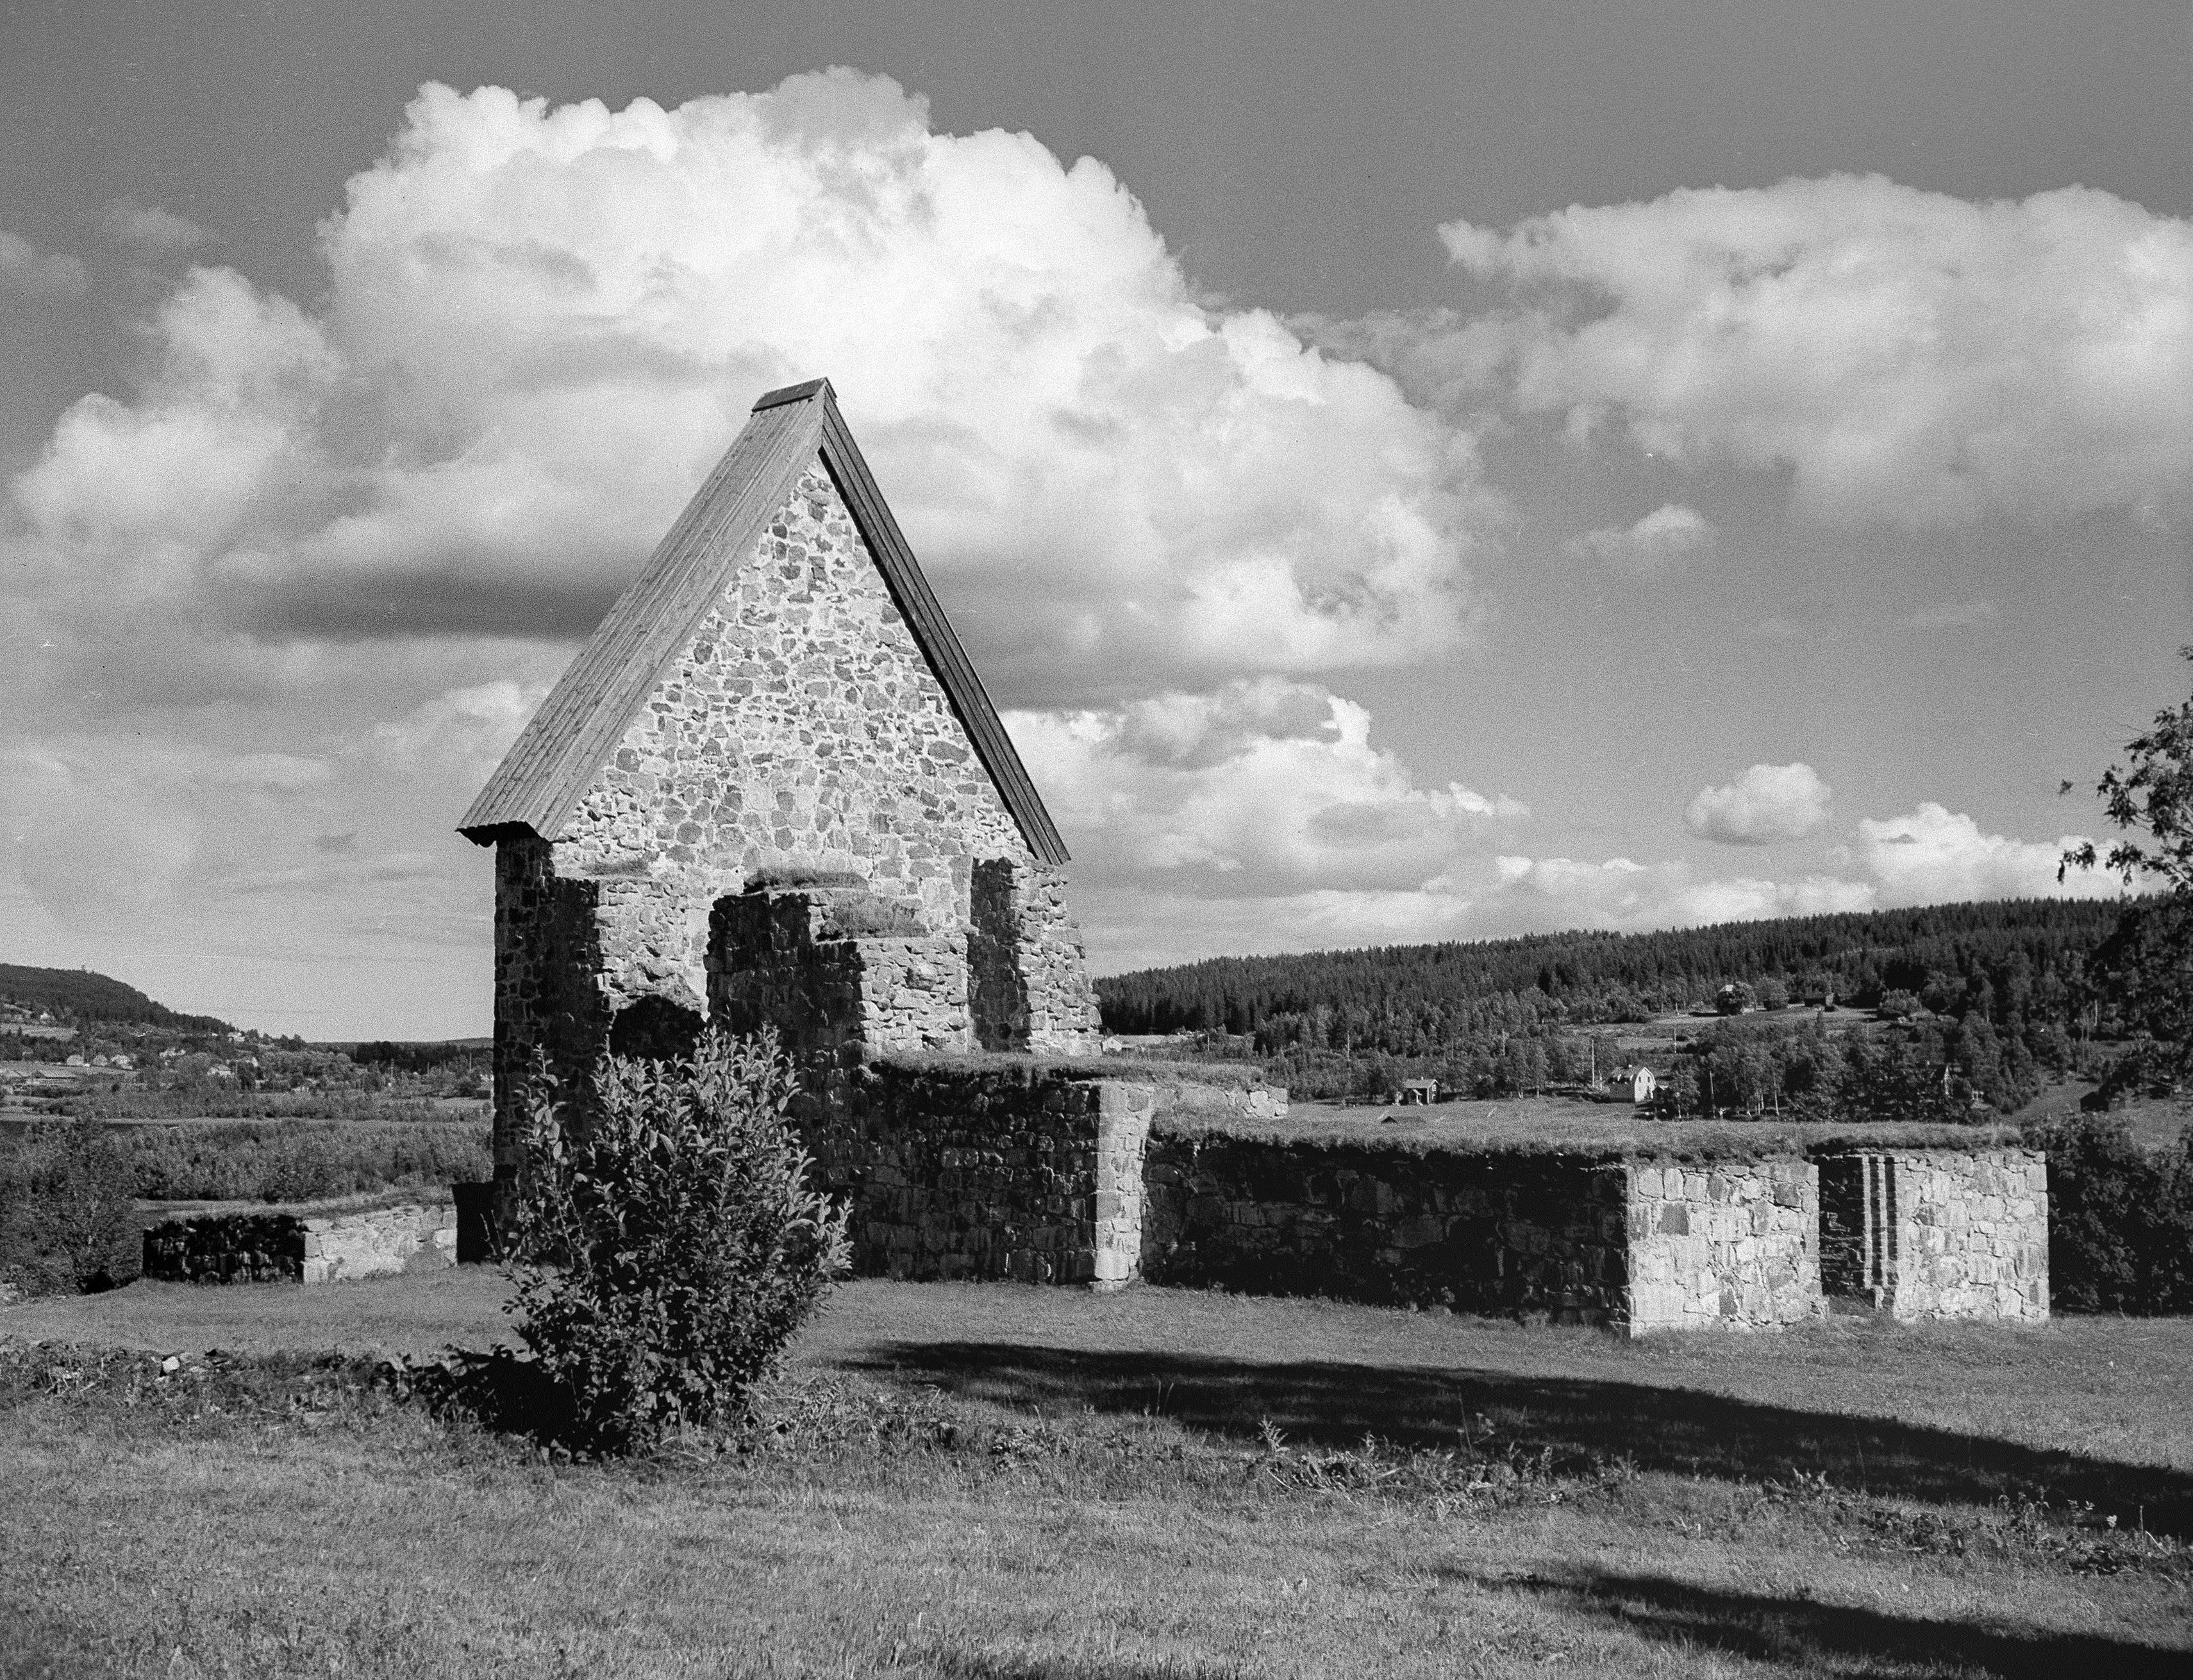 Vandring: Arkeologivandring i området vid Selånger kyrkoruin